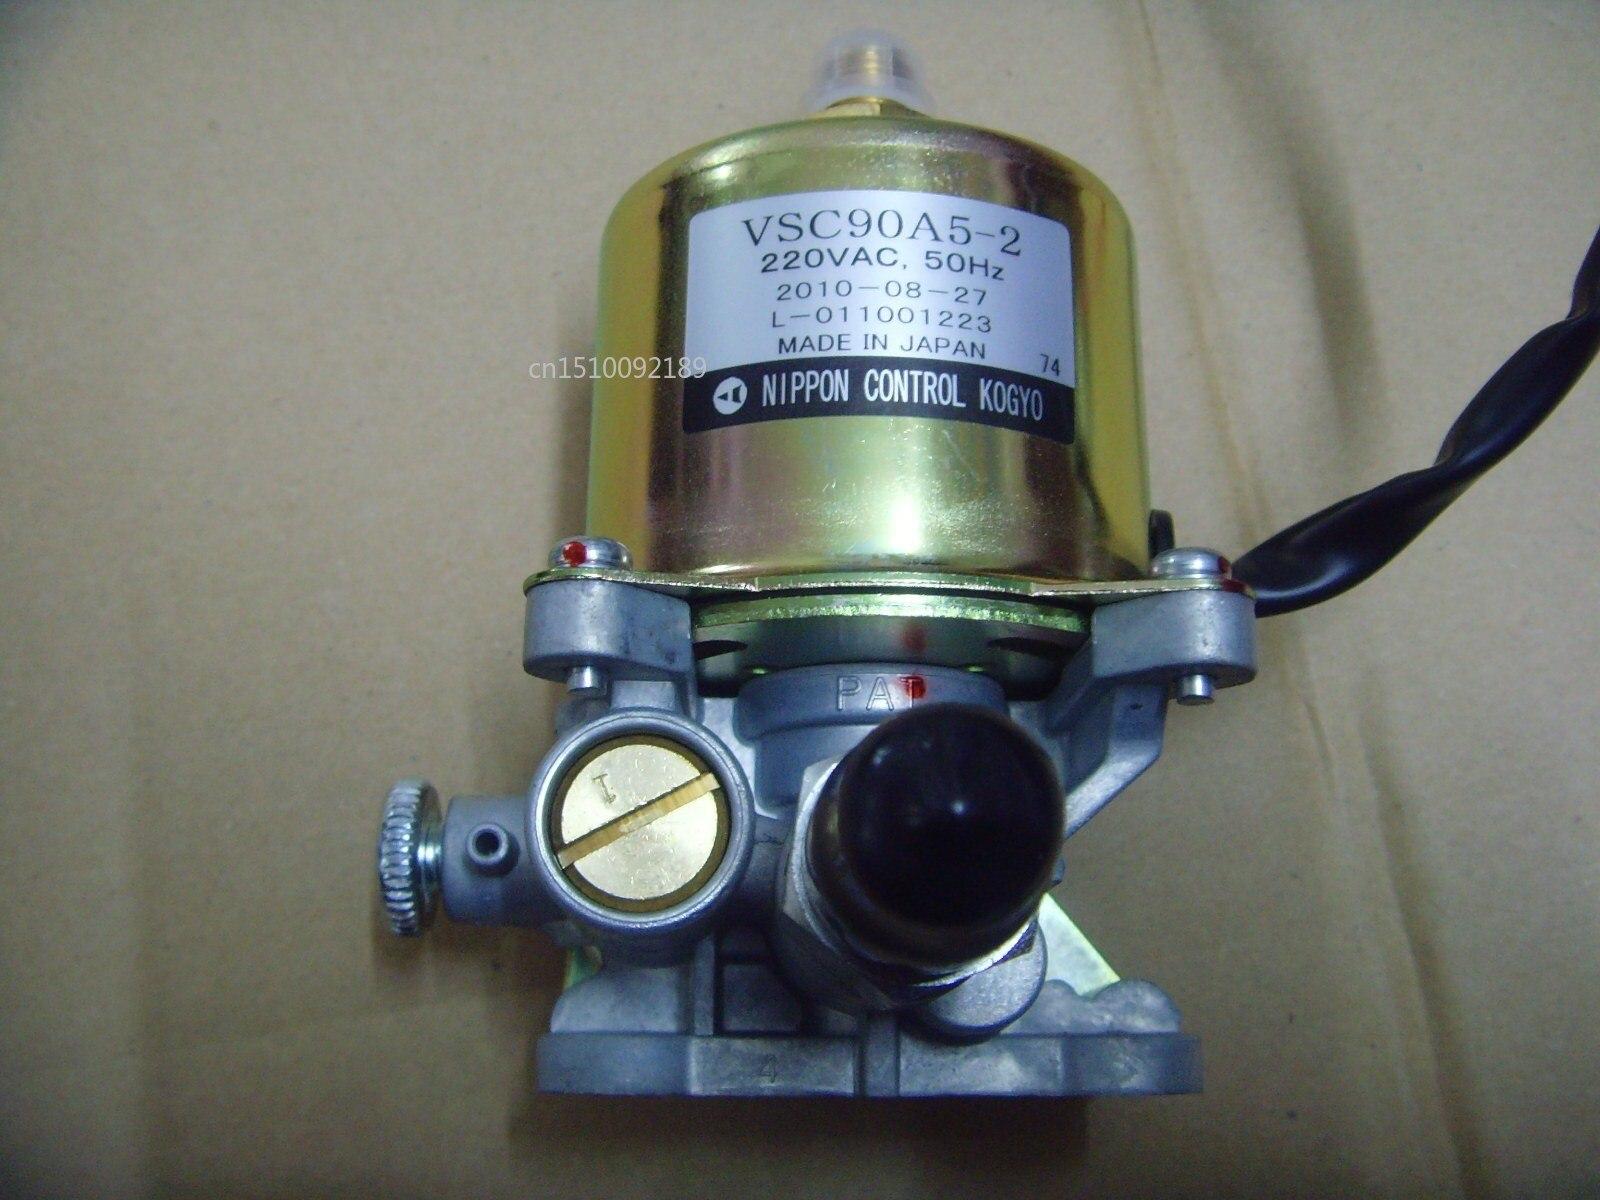 Nippon Burner Parts Electromagnetic Pump VSC63A5-2 For Methanol Burner Diese Oil Burner NEW